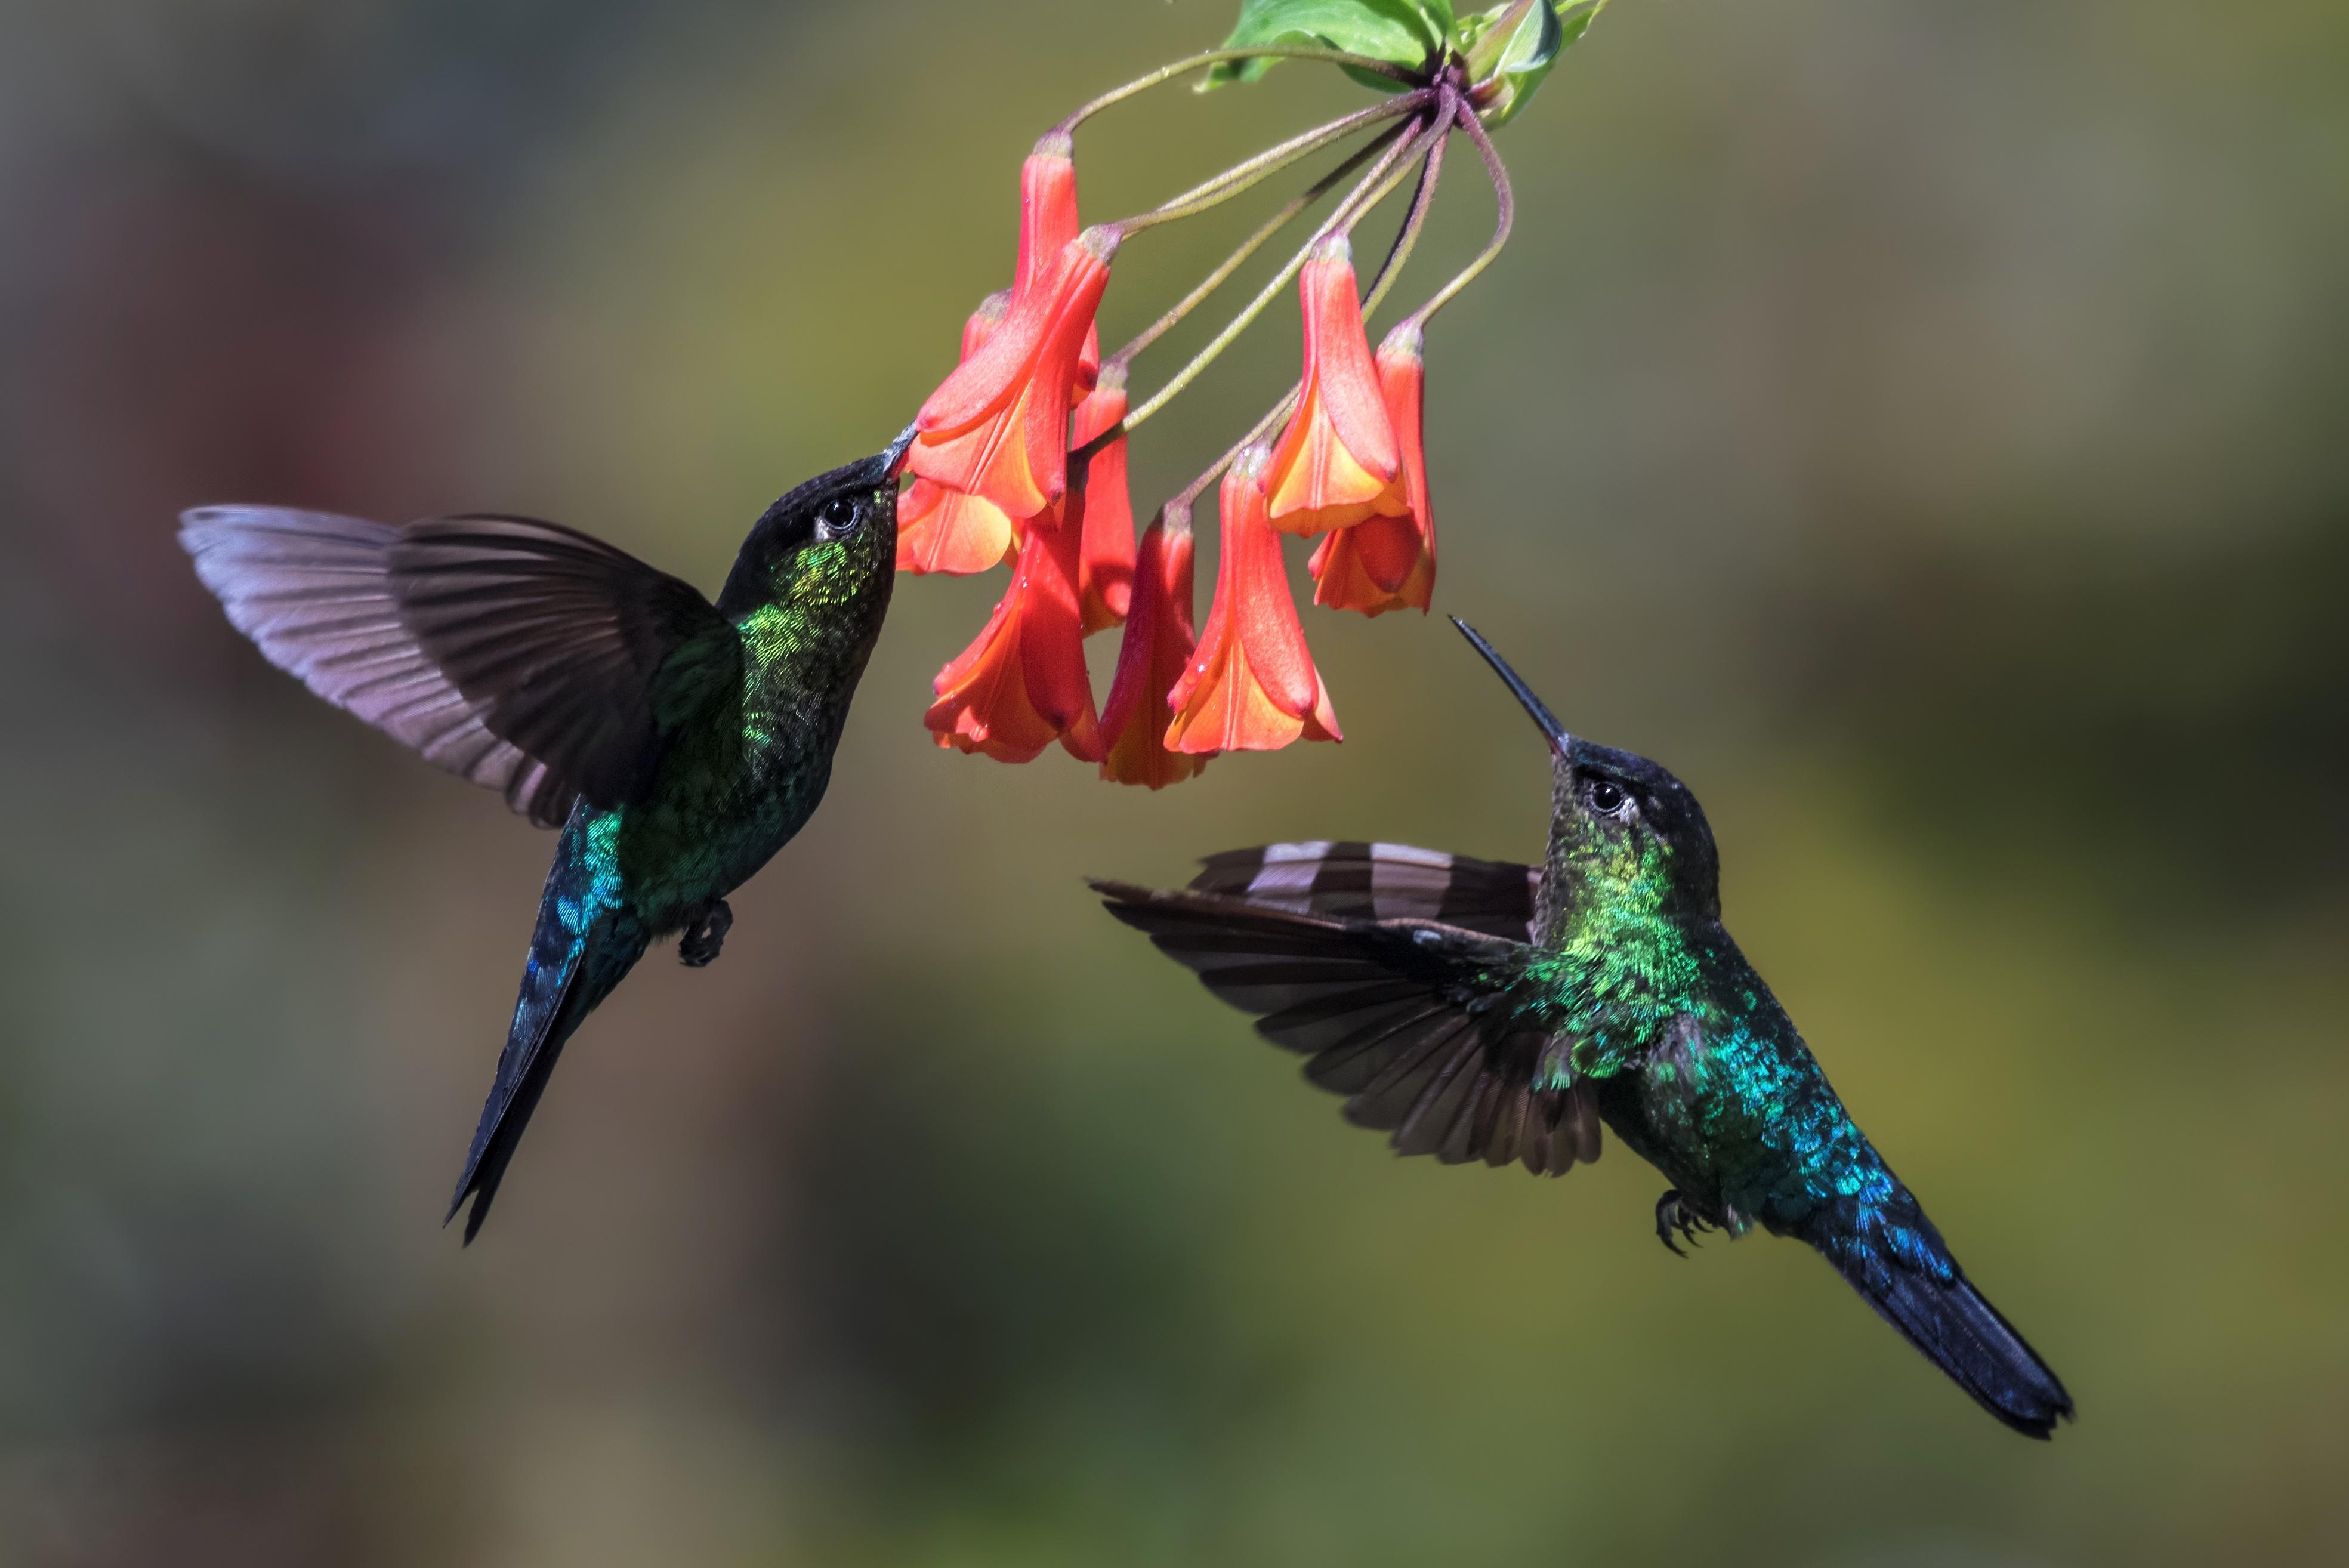 Картинки красивых птиц в полете, для вацап днем